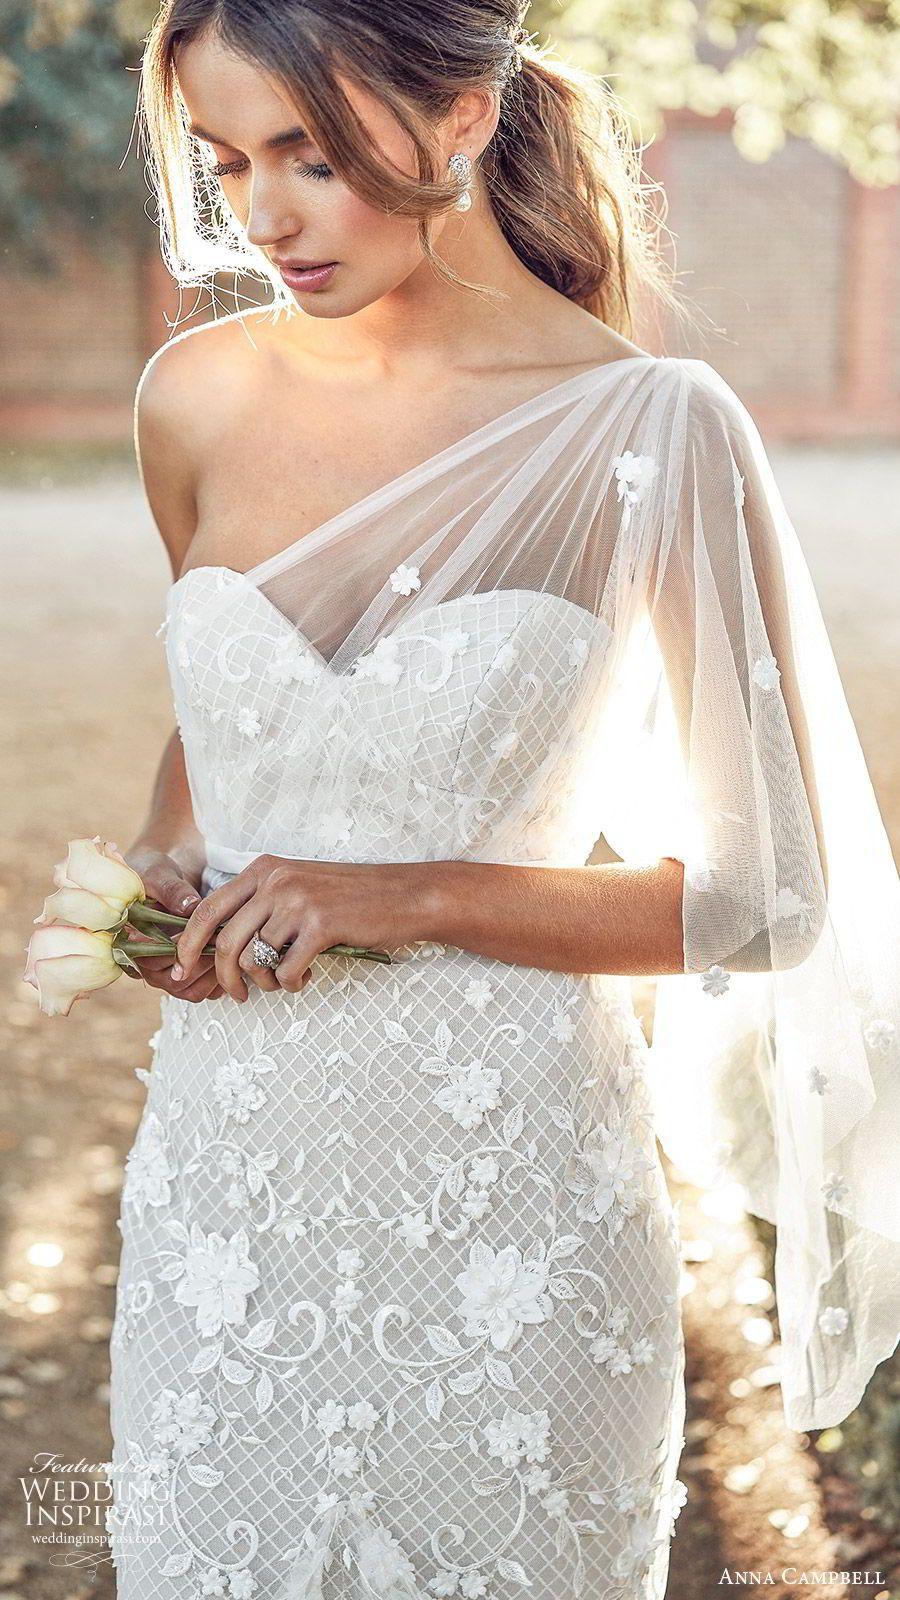 Anna Campbell 2020 Wedding Dresses Lumiere Bridal Collection Wedding Inspirasi Bridal Dresses Bride Gowns Moss Dress